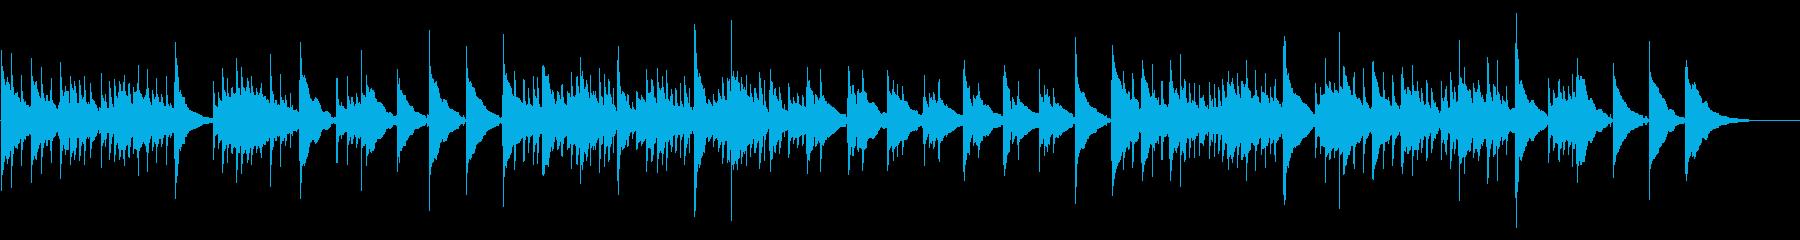 レトロゲームOP/アコギ、ベル風、幻想的の再生済みの波形